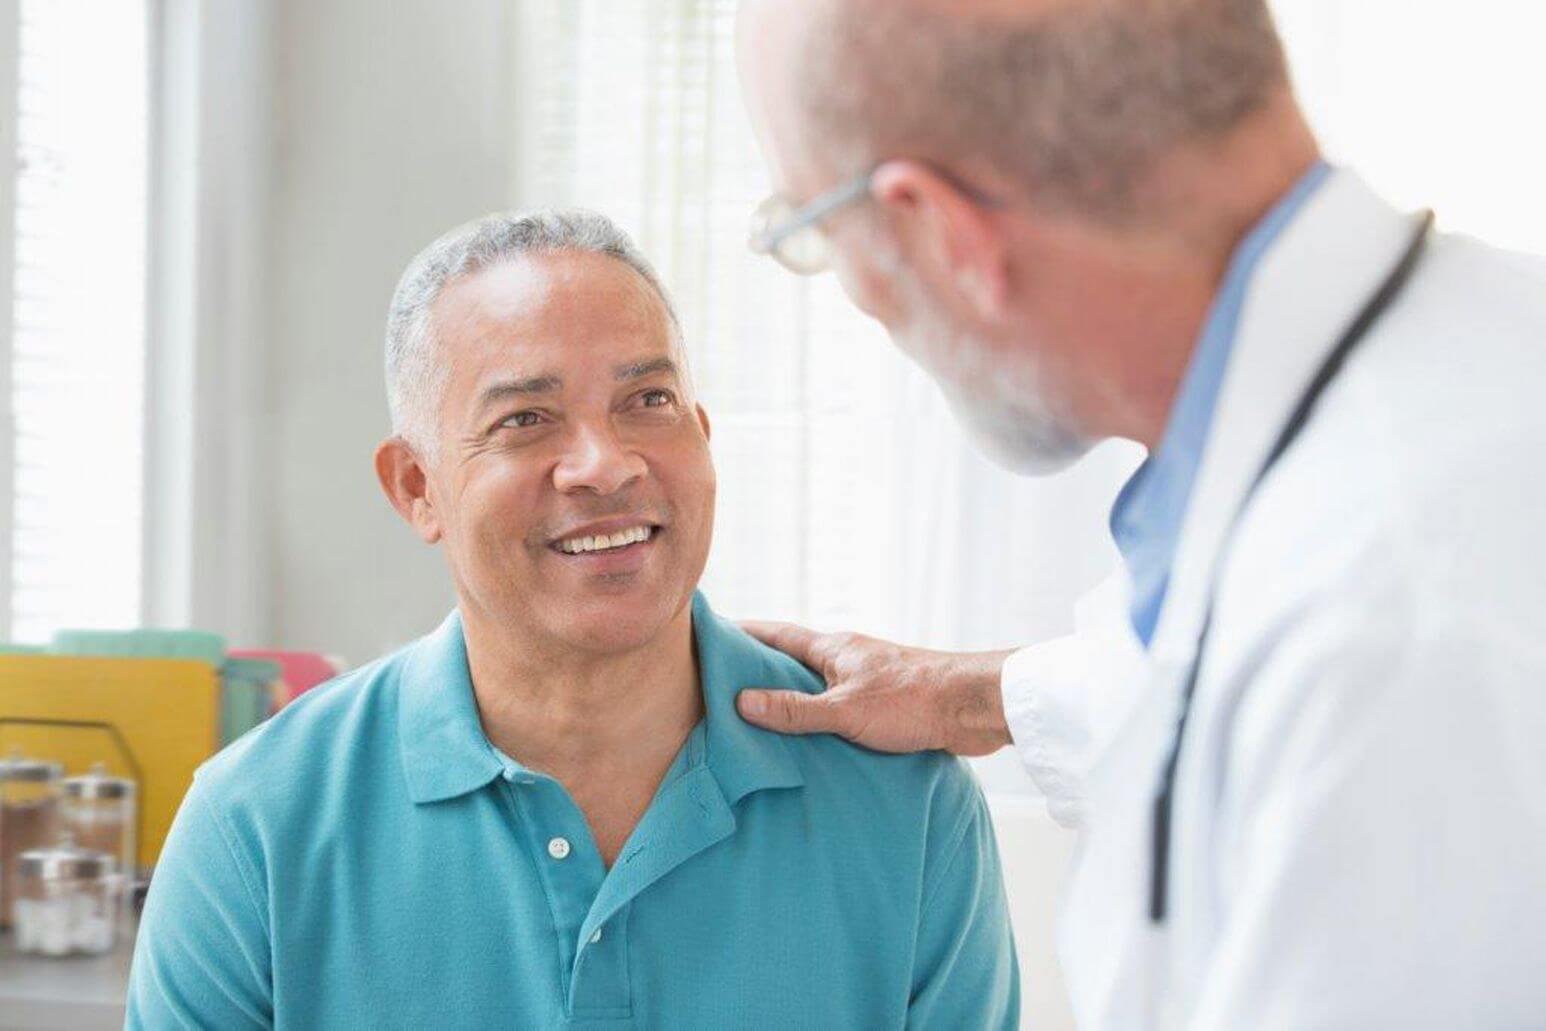 Причины бородавок на пенисе, их симптомы, лечение и профилактика